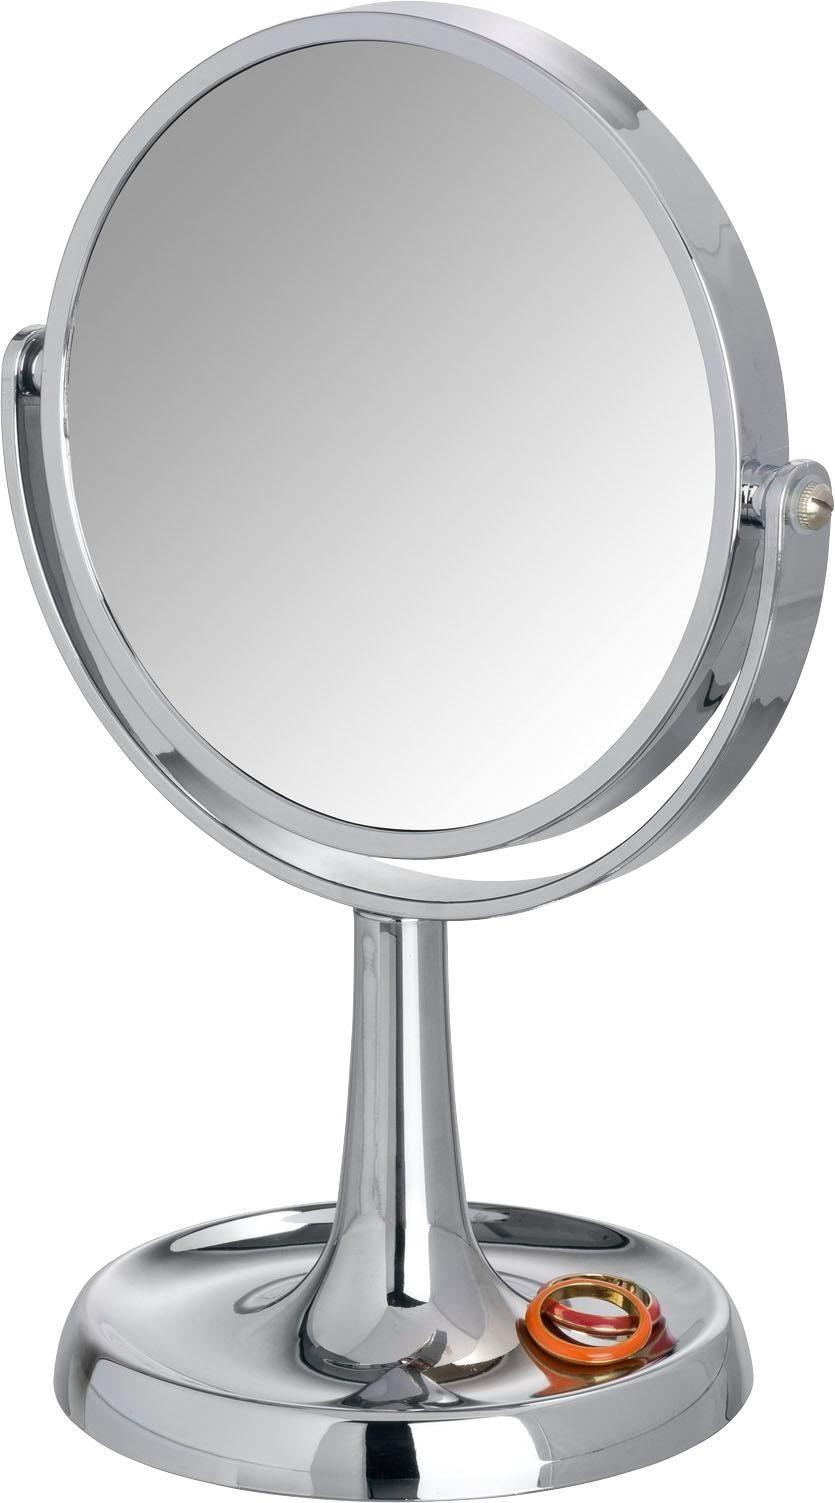 Standspiegel Spiegel Wenko Led Kosmetikspiegel Style Weiß